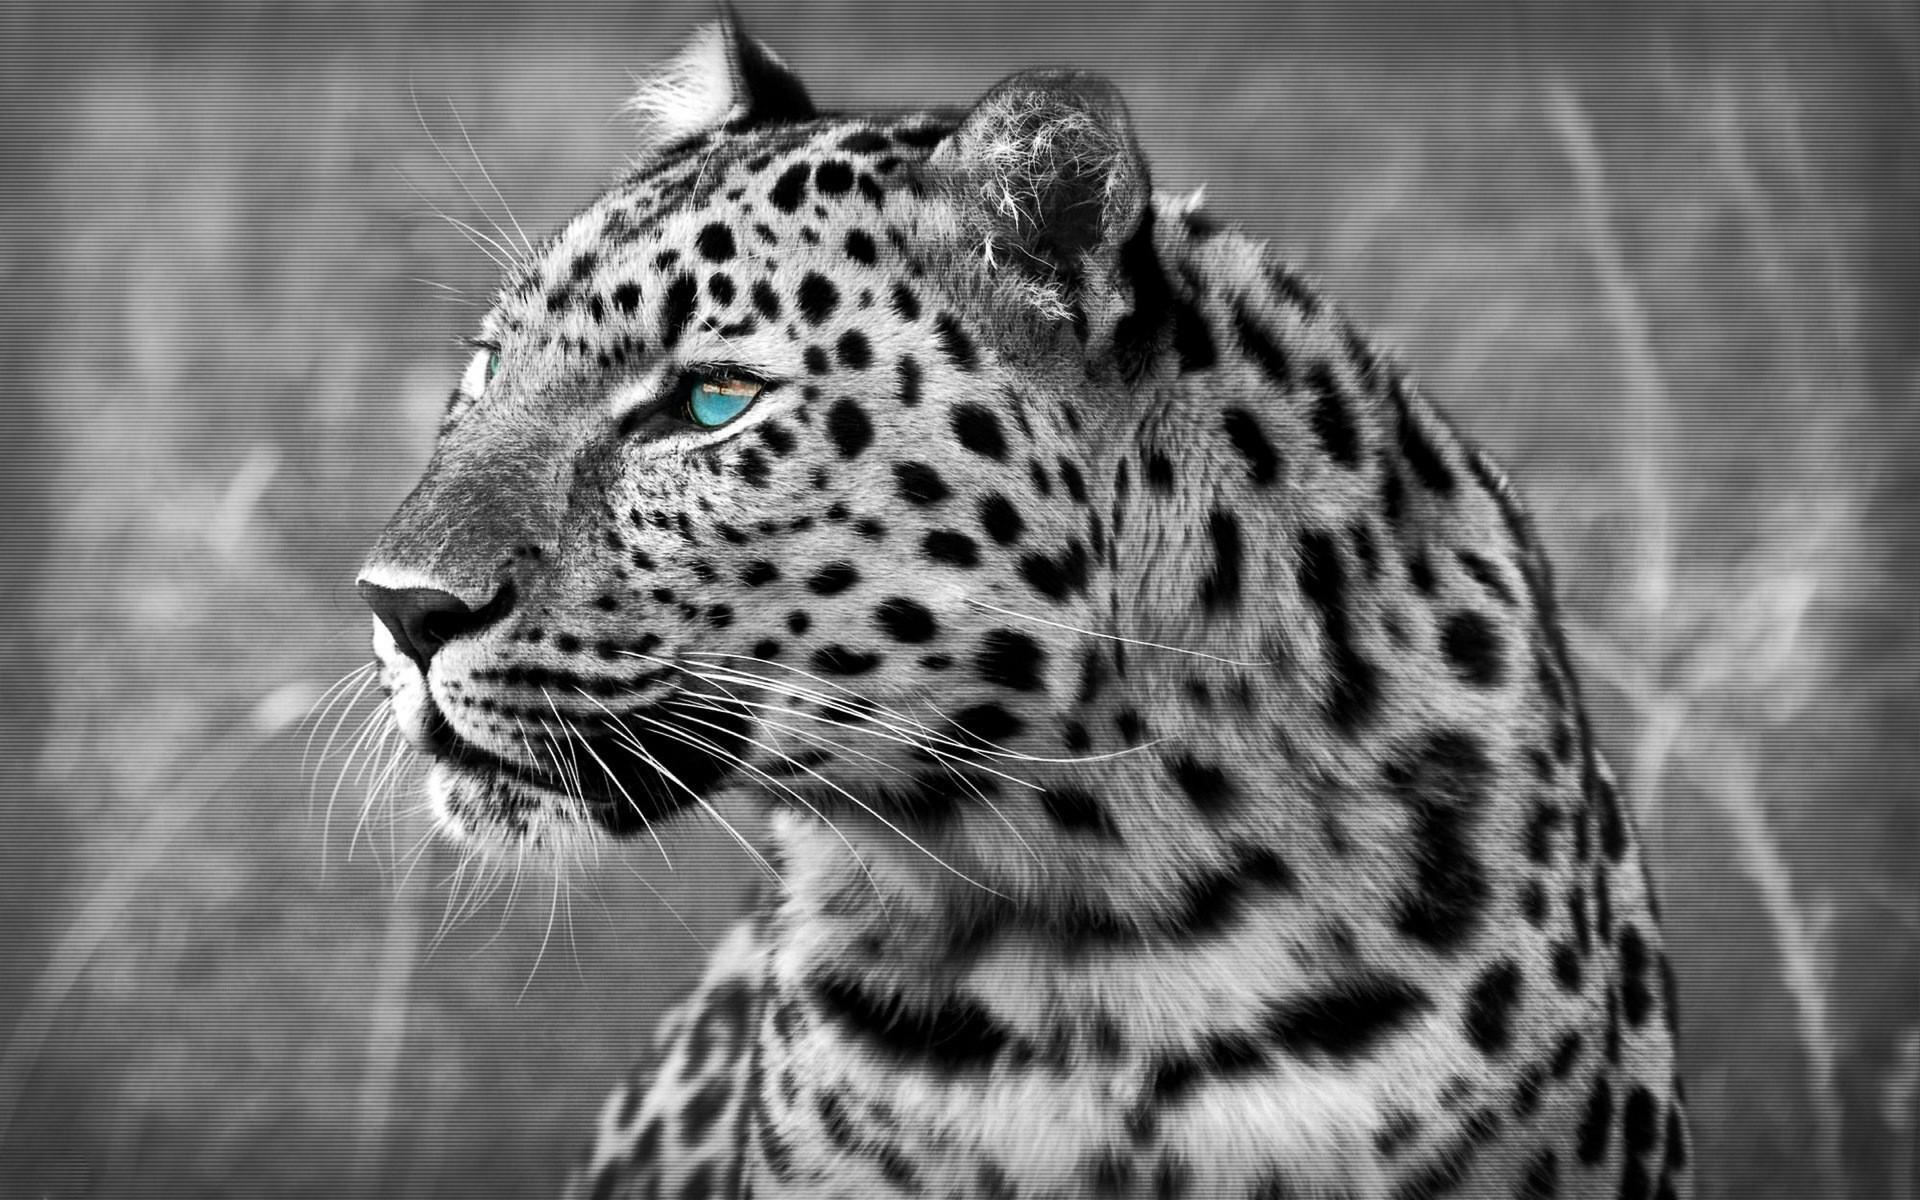 Leopard Wallpapers  Full HD wallpaper search